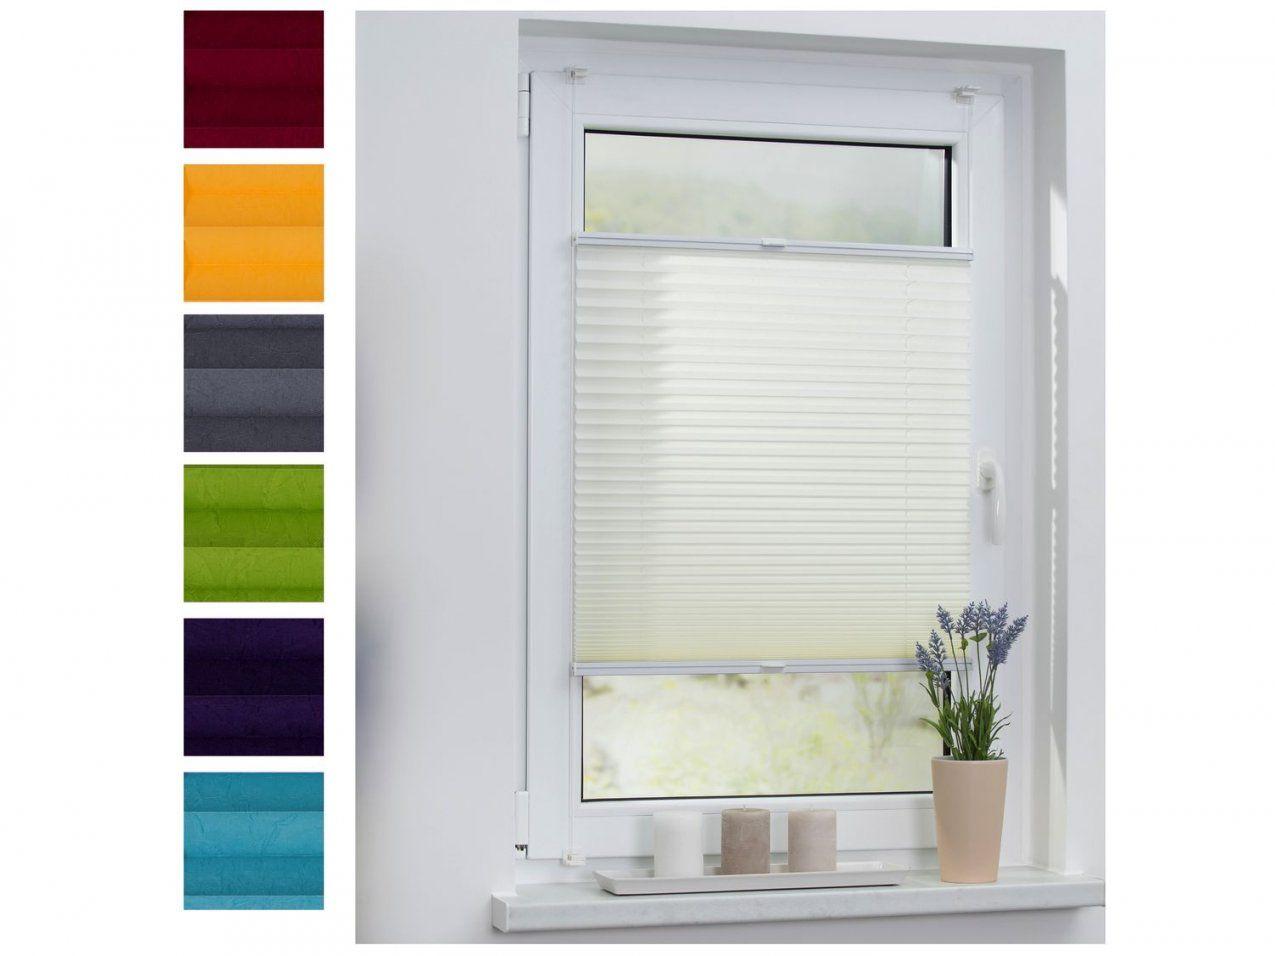 Rollo Fenster Klemmen. Awesome Tolle Und Sichtschutz Das